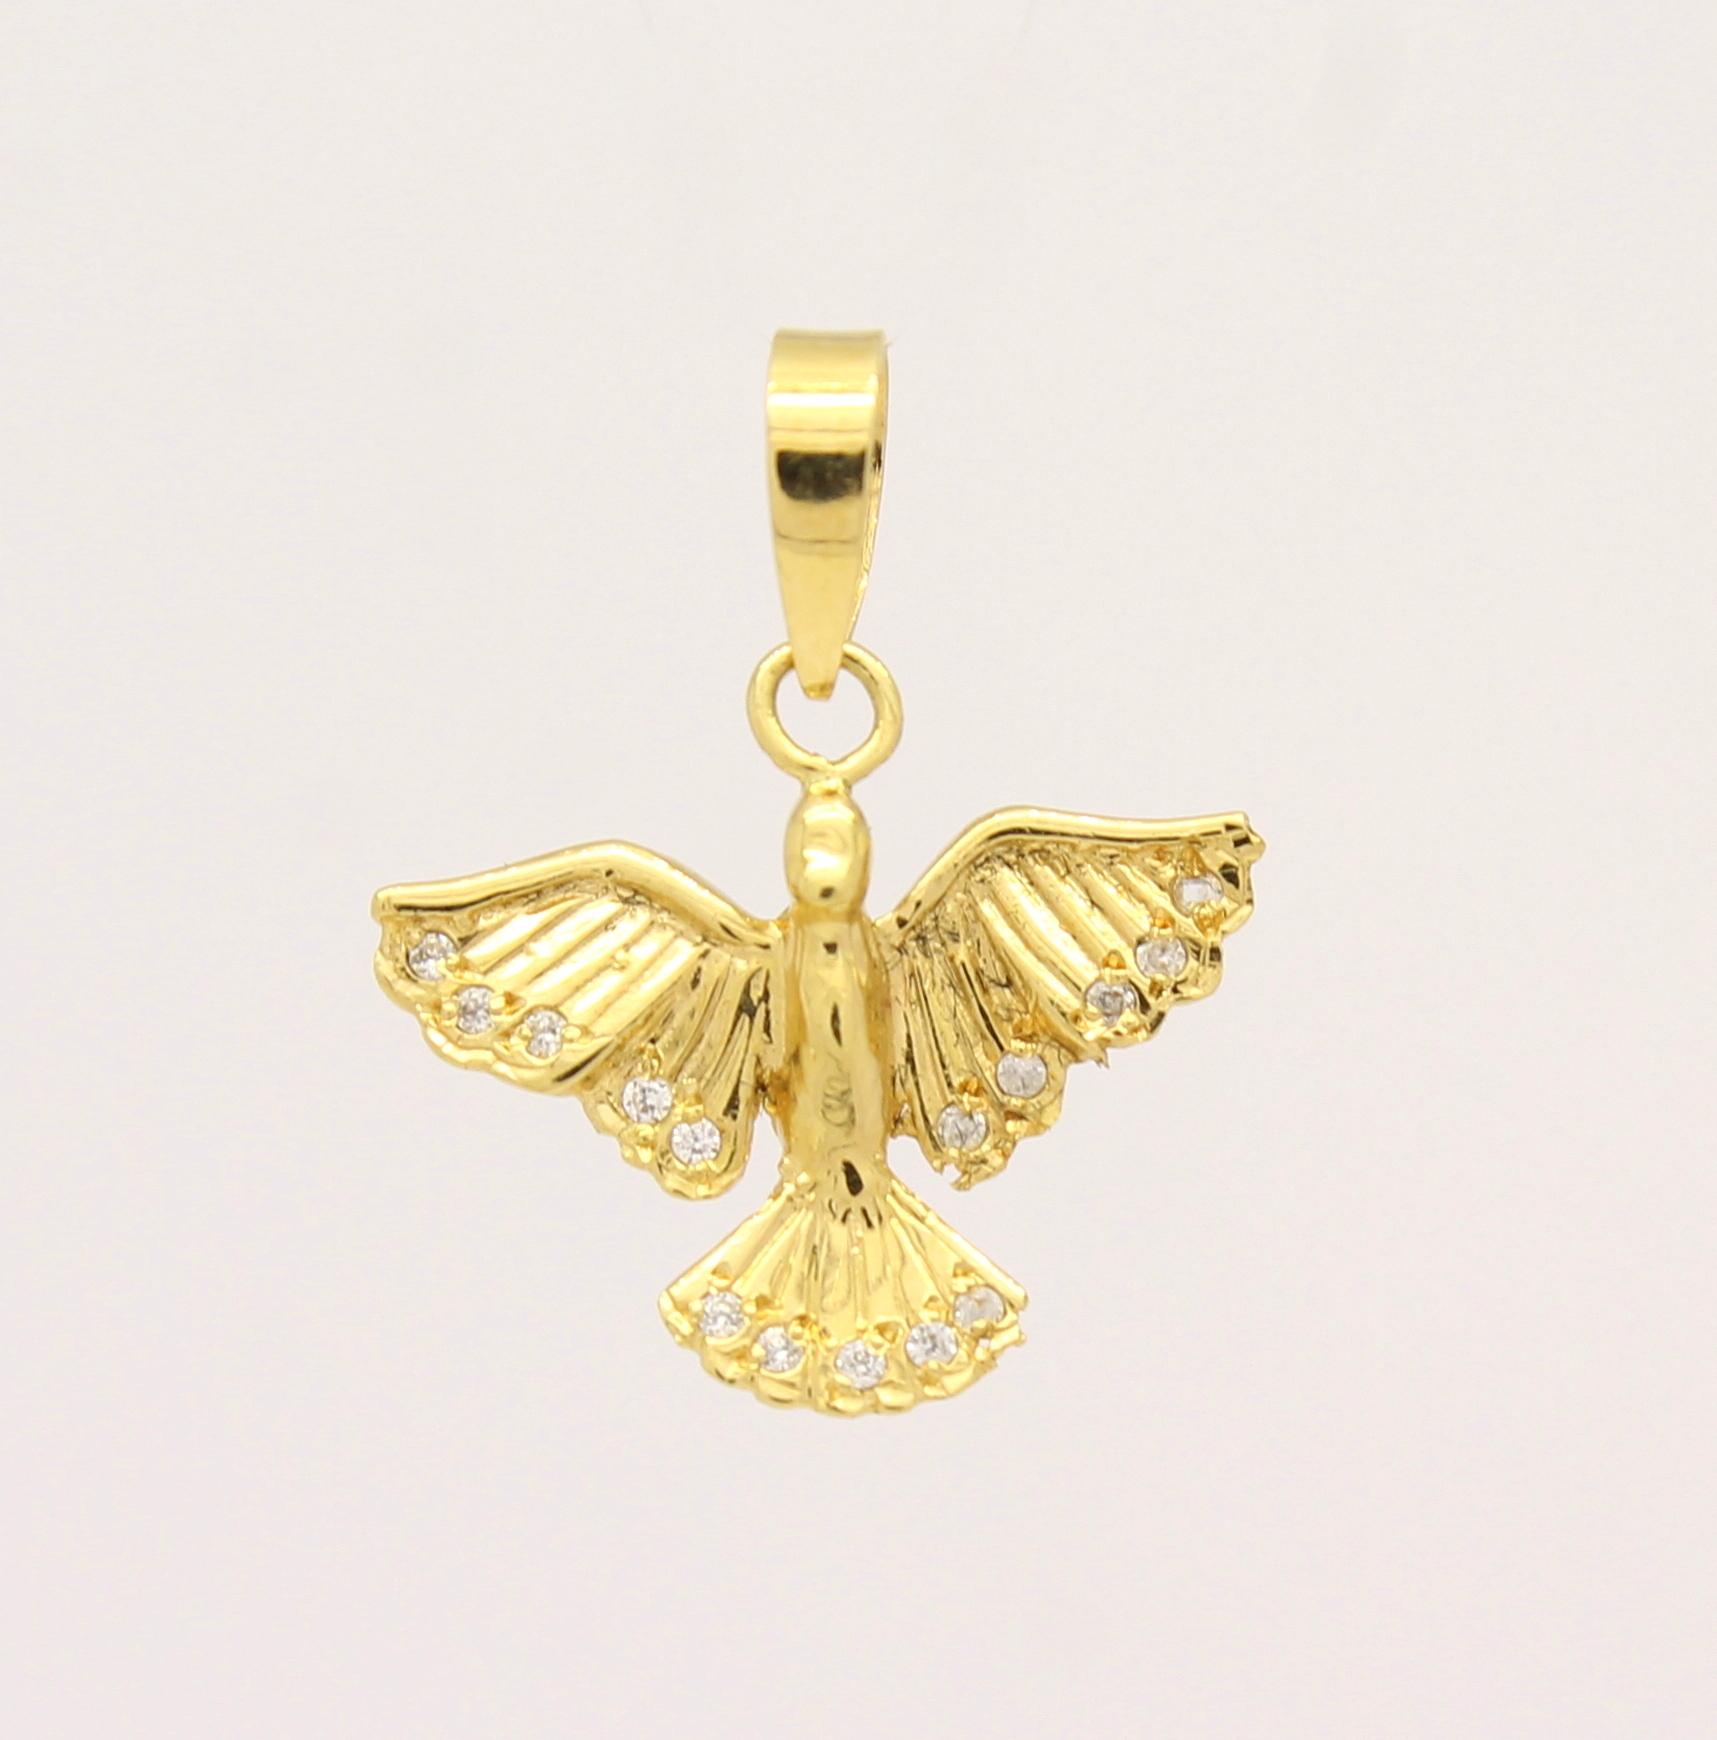 Pingente Divino Espírito Santo Zircônios Ouro 18k 750 - Marcio ... fc81cf148c